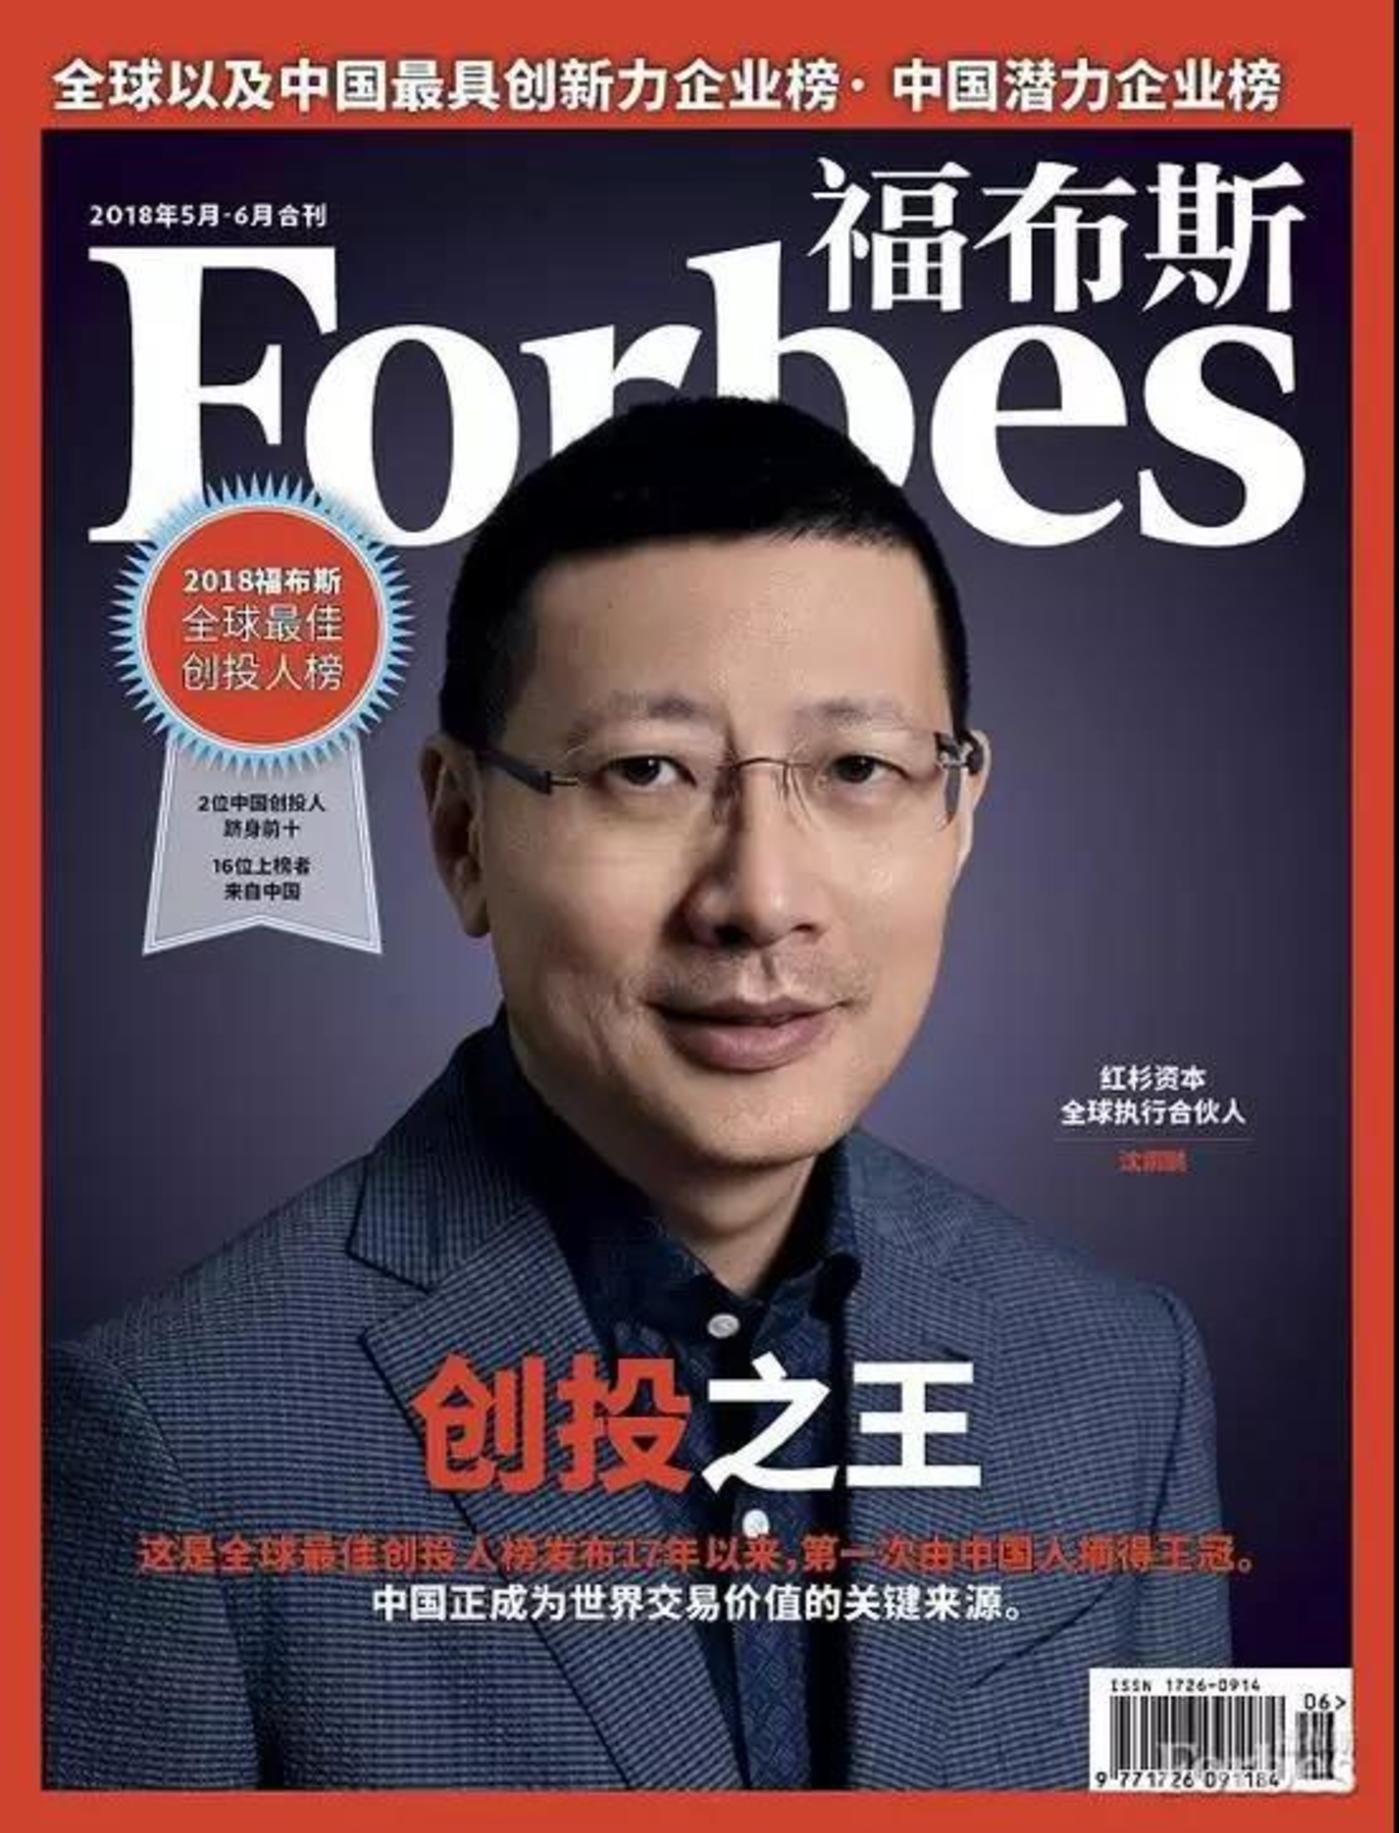 2018年,《福布斯》中文版的杂志封面选择了沈南鹏,并把他评为了2018年全球最佳创投人第一名